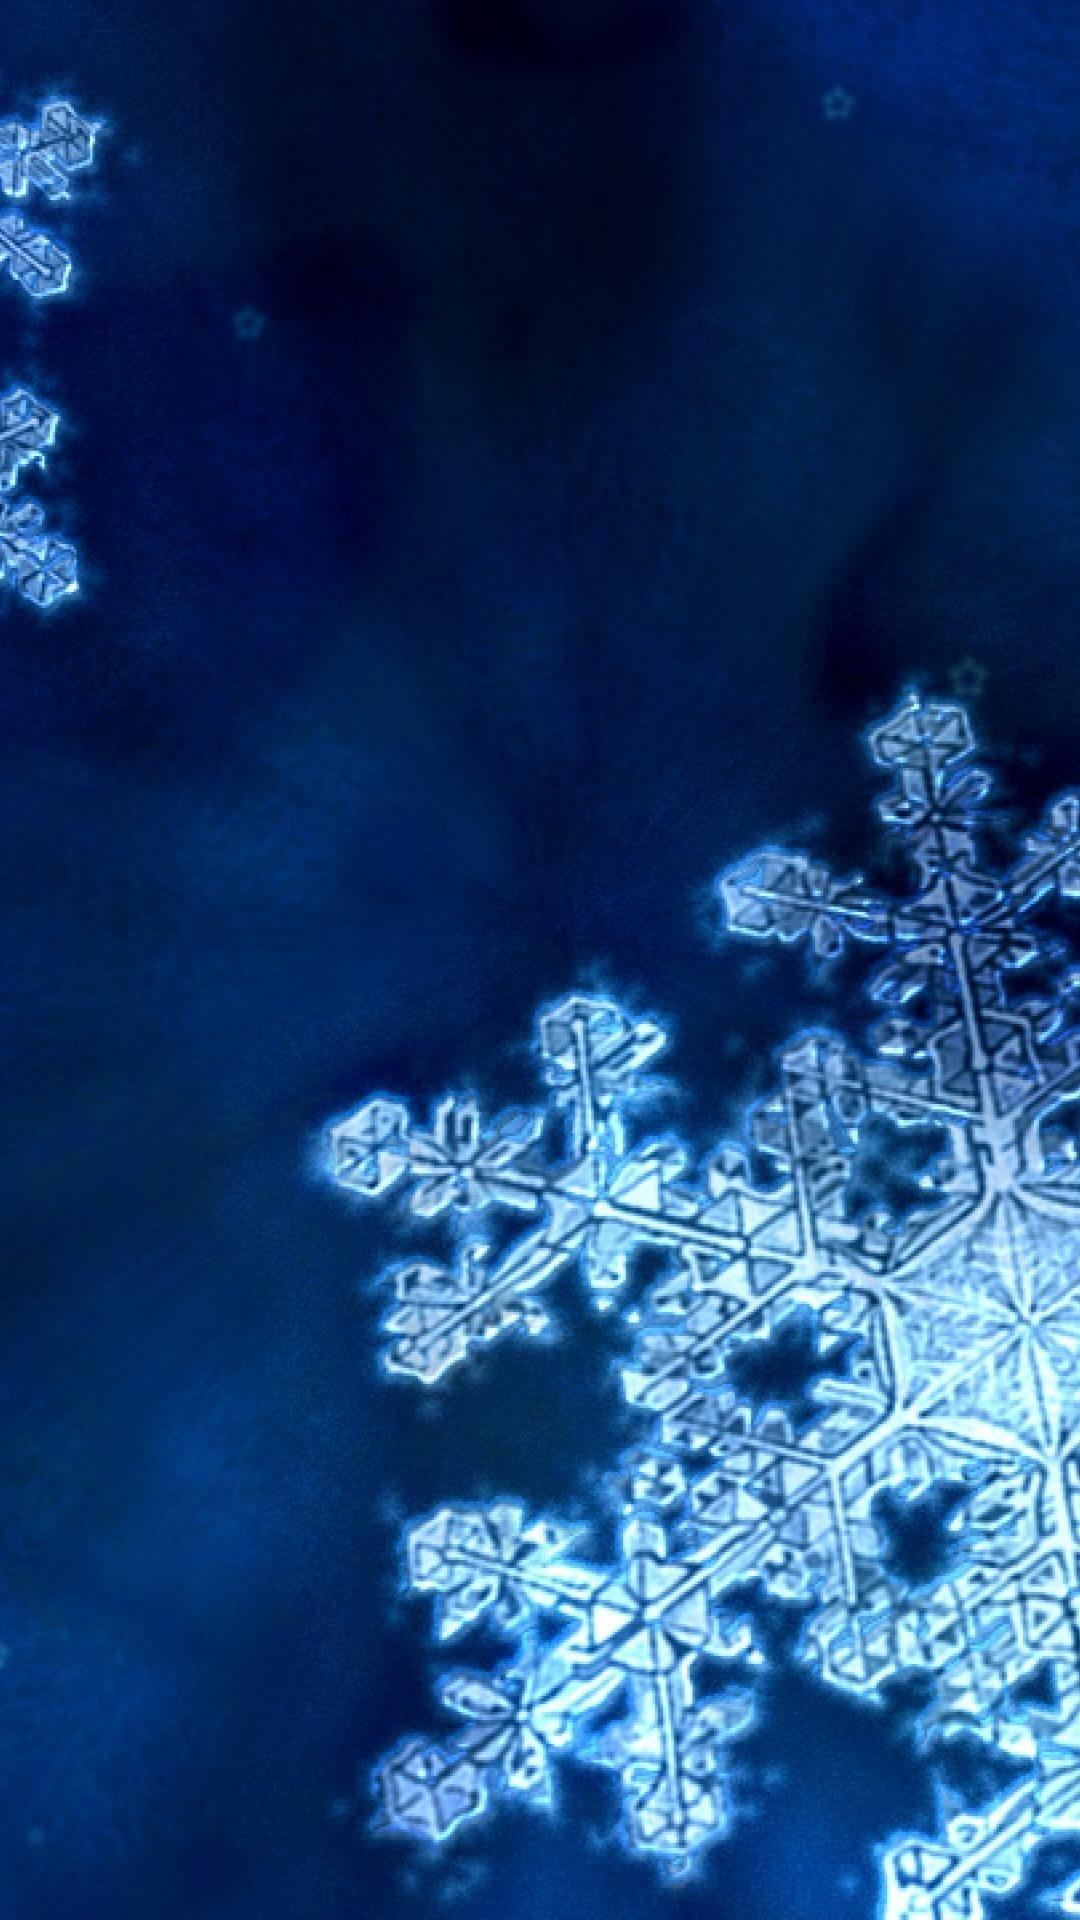 Hdscreen 雪冬 Desktop Bakcgrounds Winter Wallpaper Winter